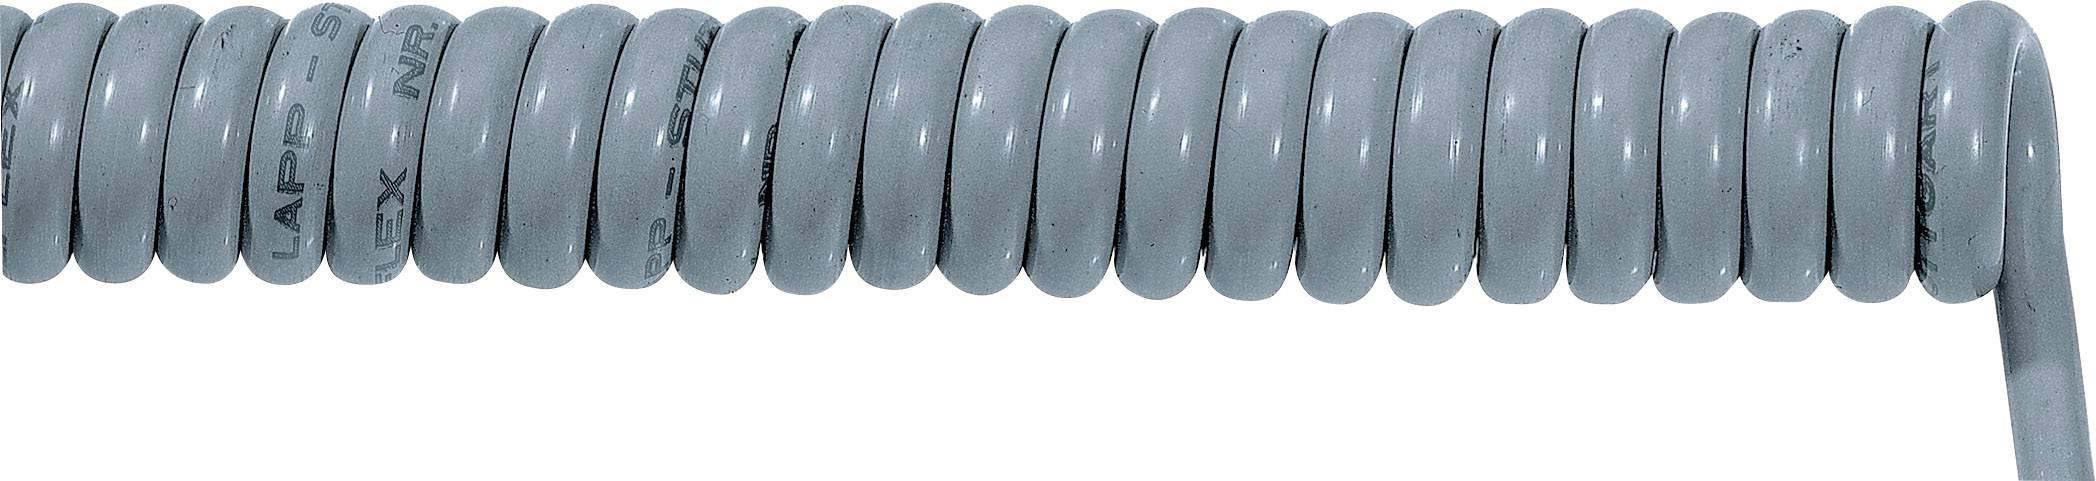 Špirálový kábel 70002728 ÖLFLEX® SPIRAL 400 P 7 x 0.75 mm², 1500 mm / 4500 mm, sivá